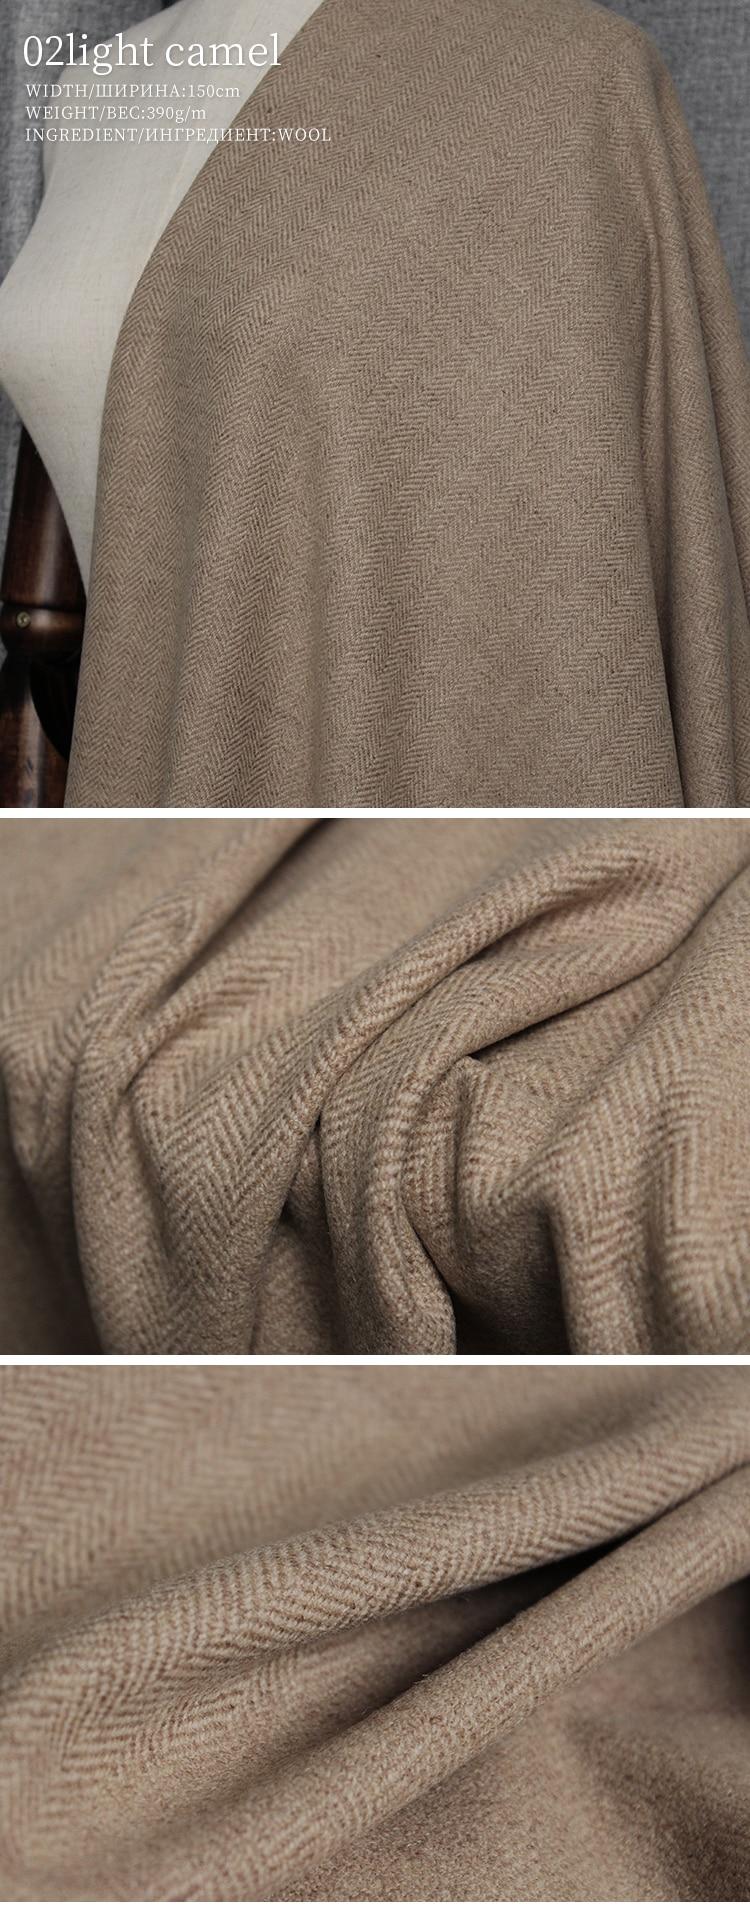 lã vestuário materiais outono mulher ternos calças